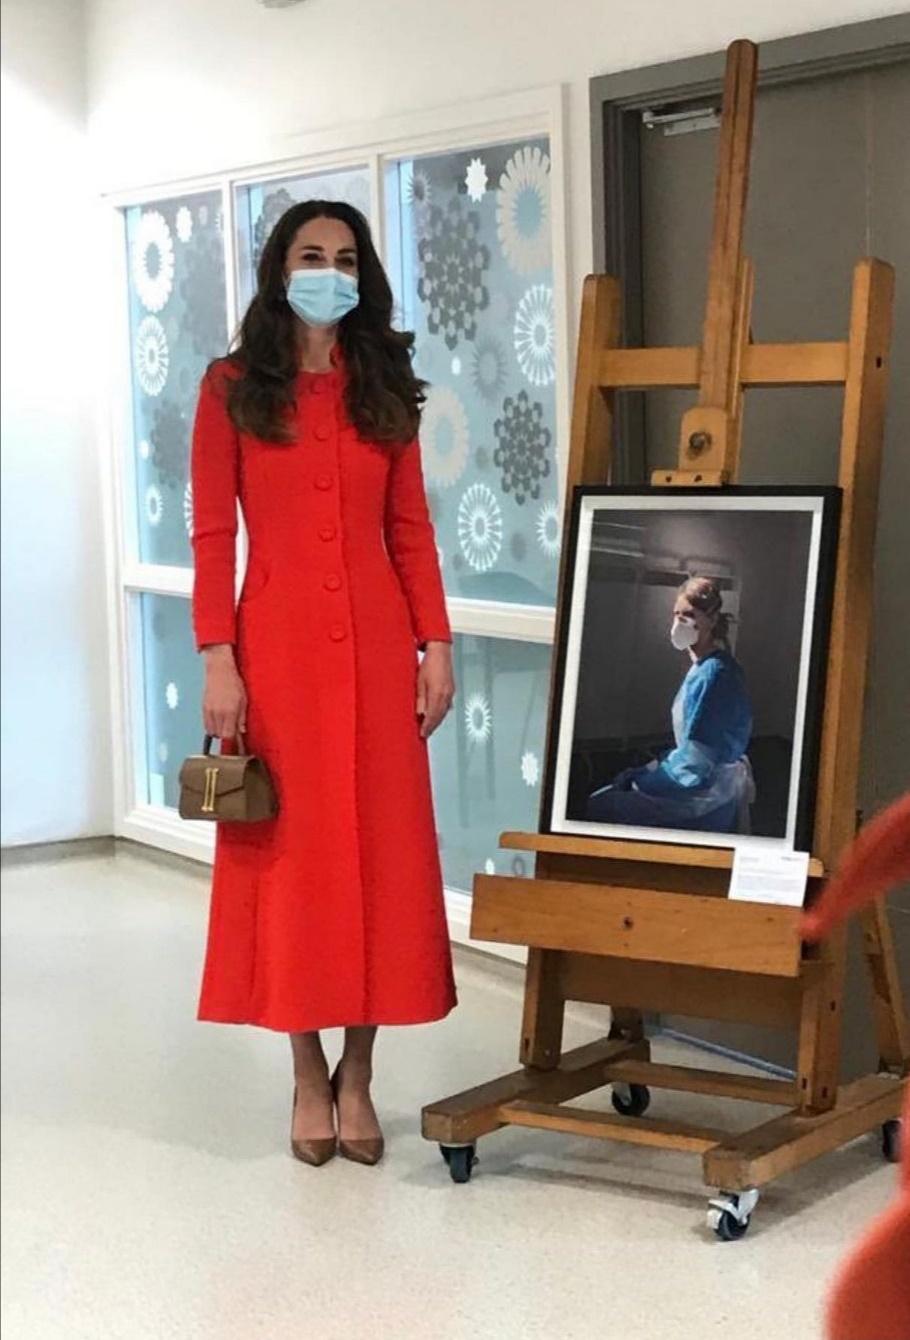 كيت ميدلتون بجانب صورة الممرضة ميلاني- الصورة من حساب دوق ودوقة كامبريدج على إنستغرام